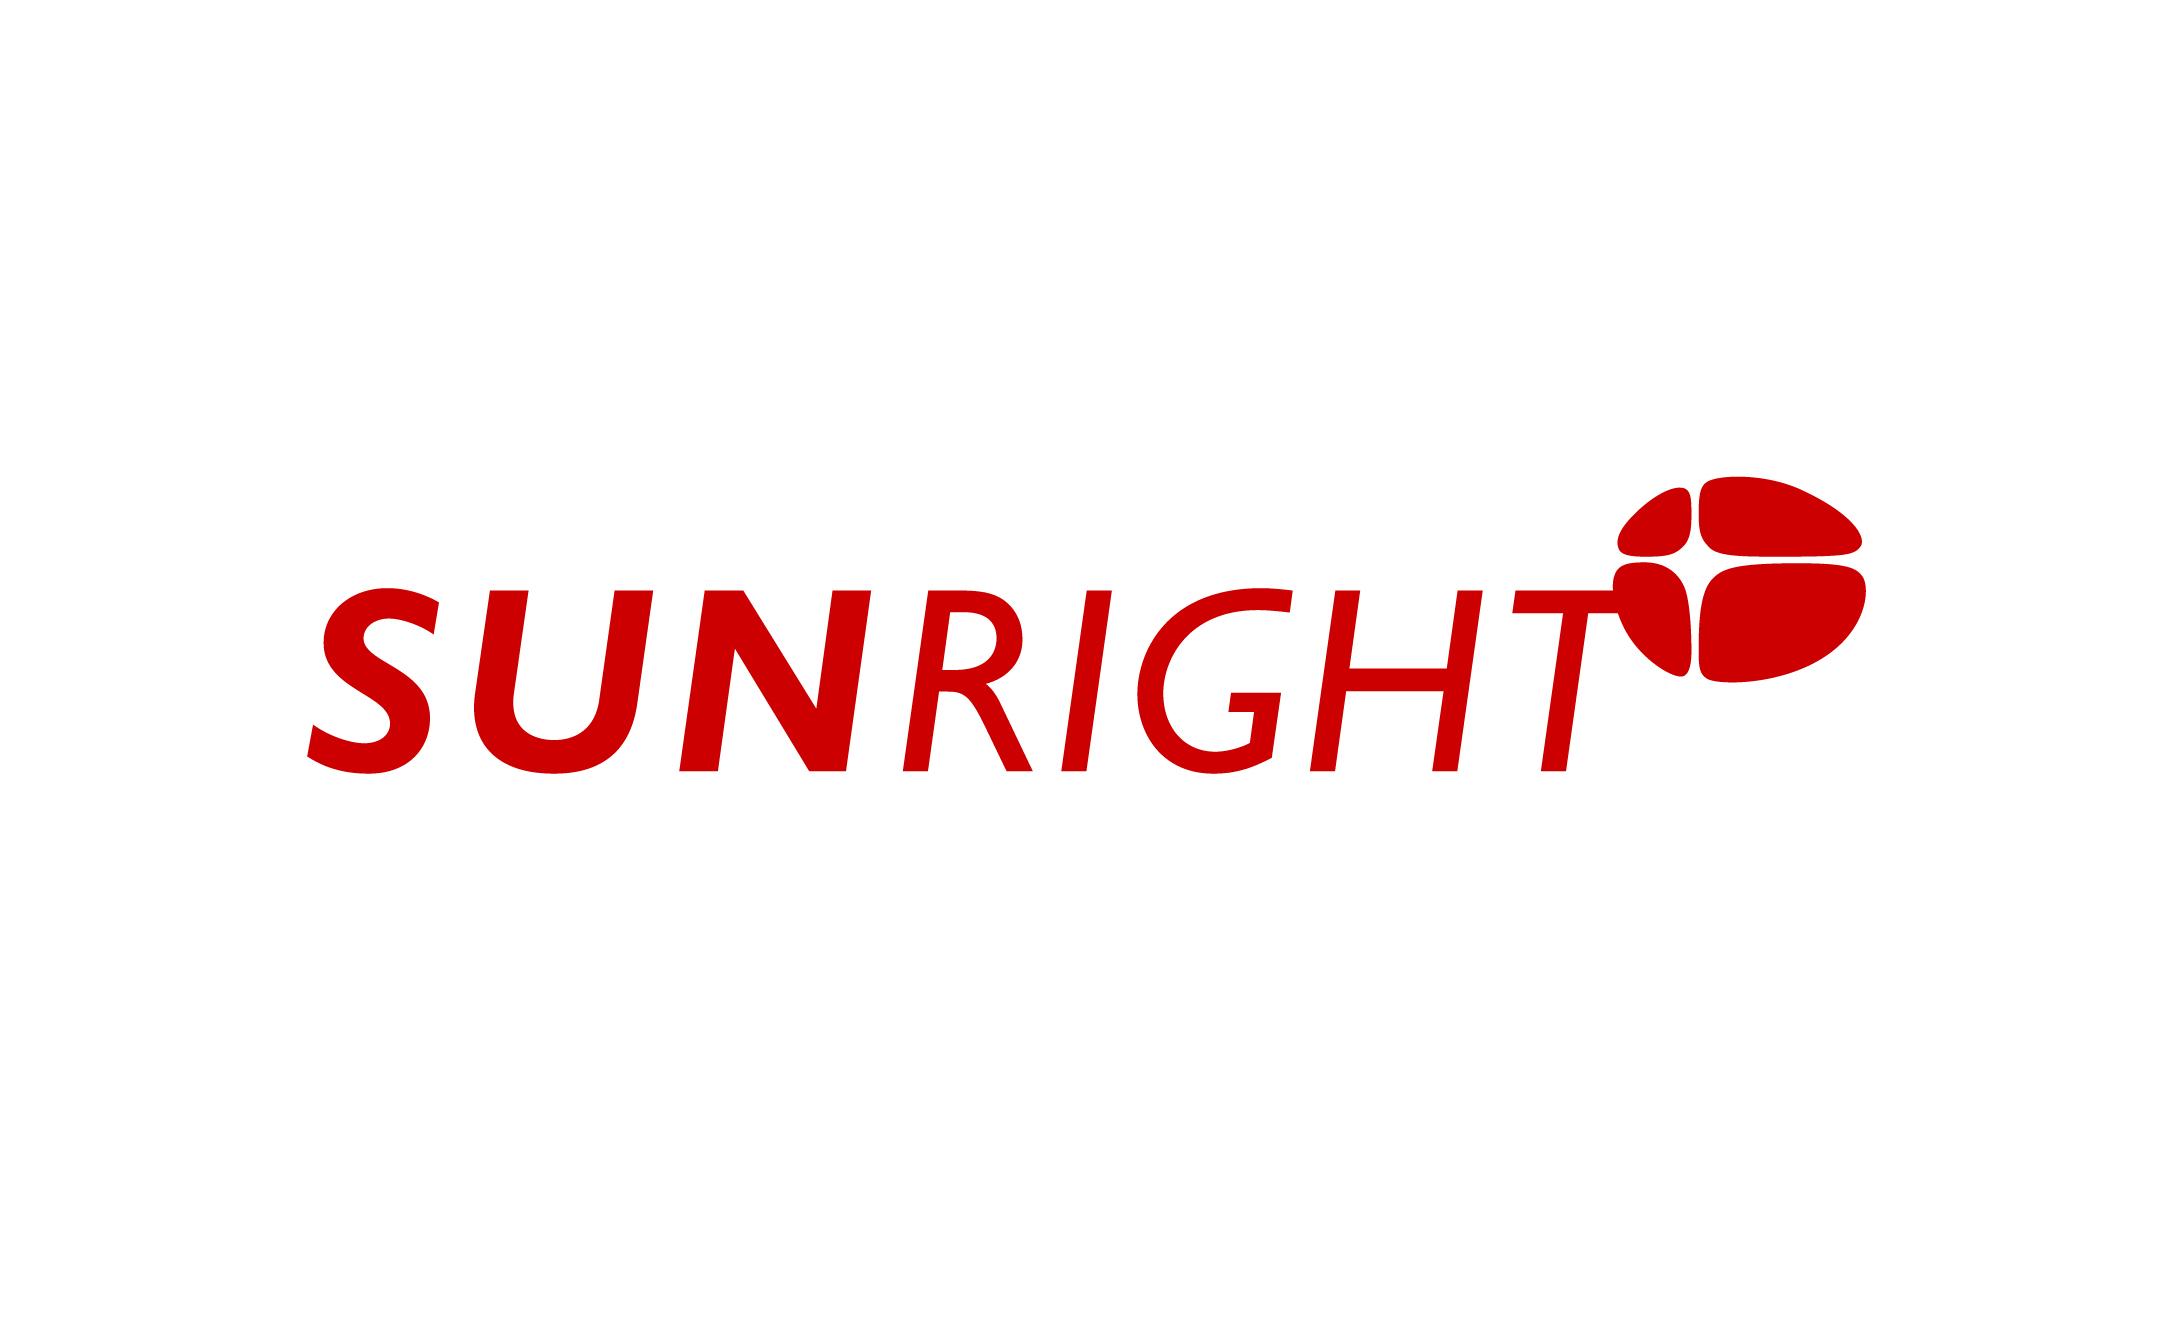 工事・施工 SUNRIGHT ロゴ制作